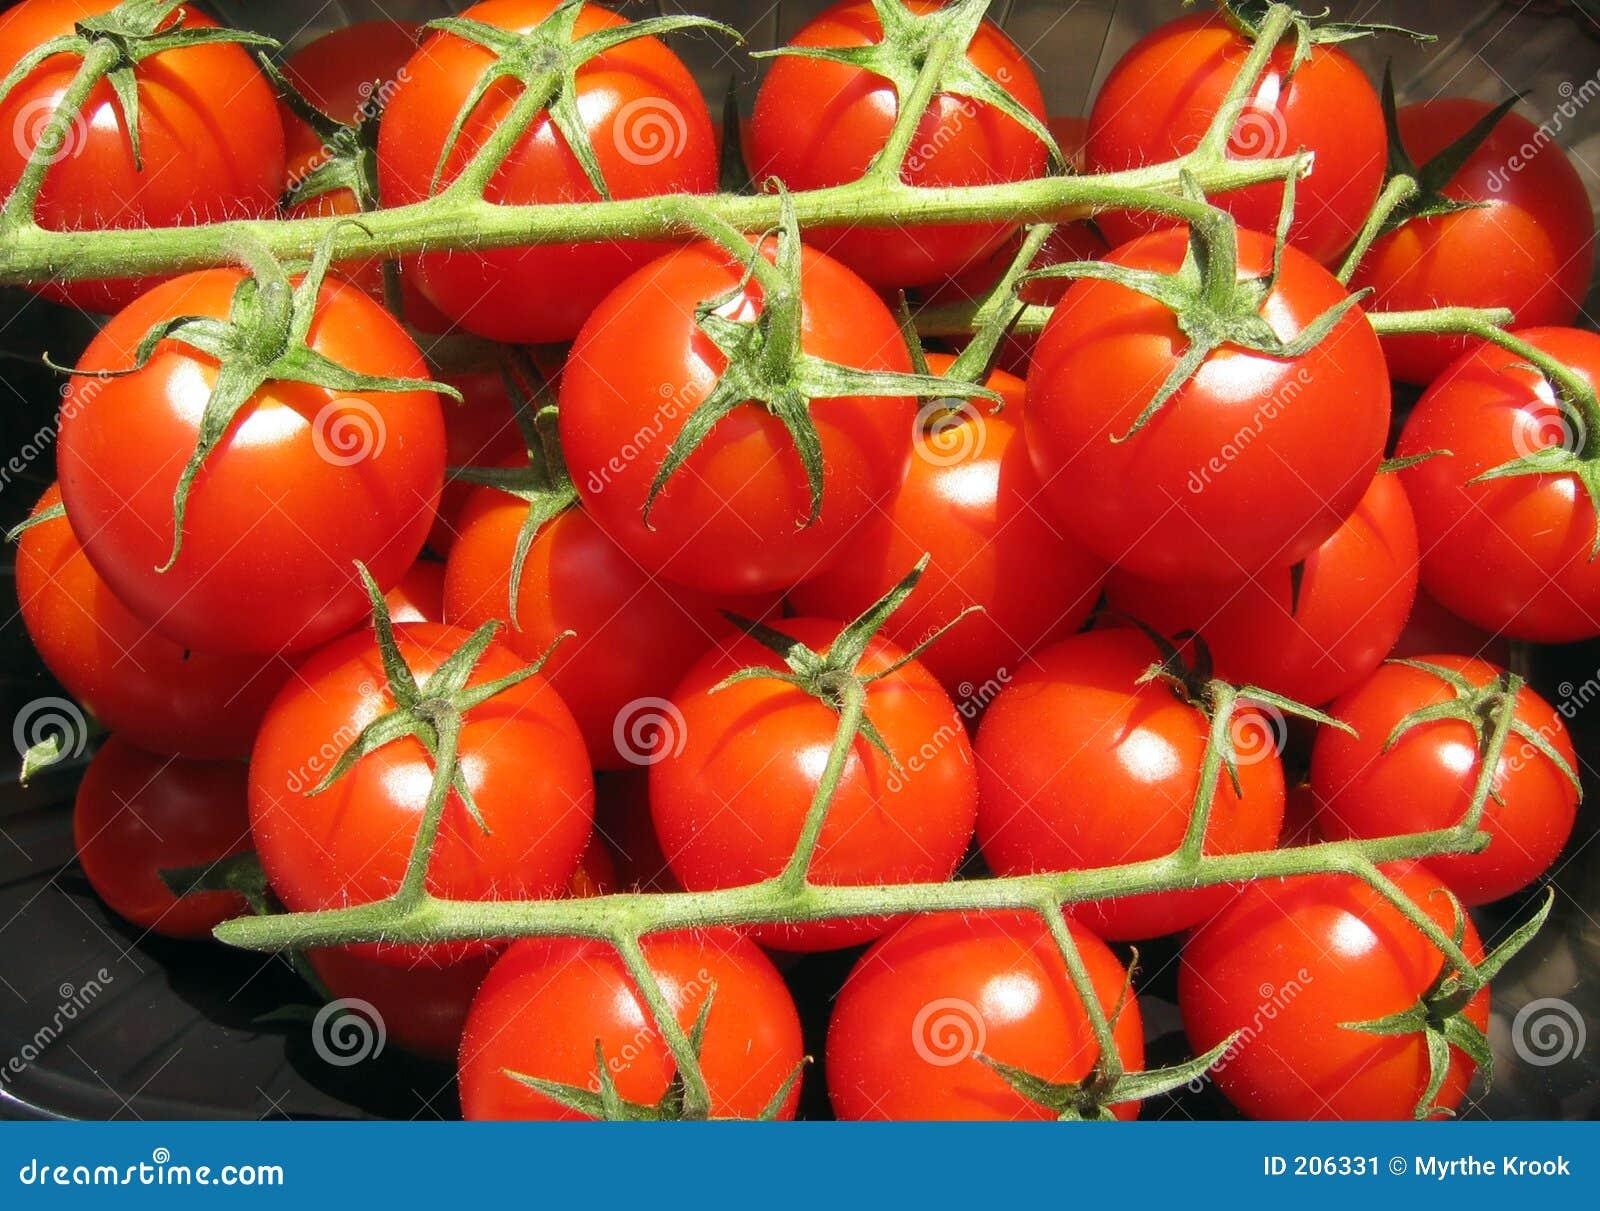 Tomatvine